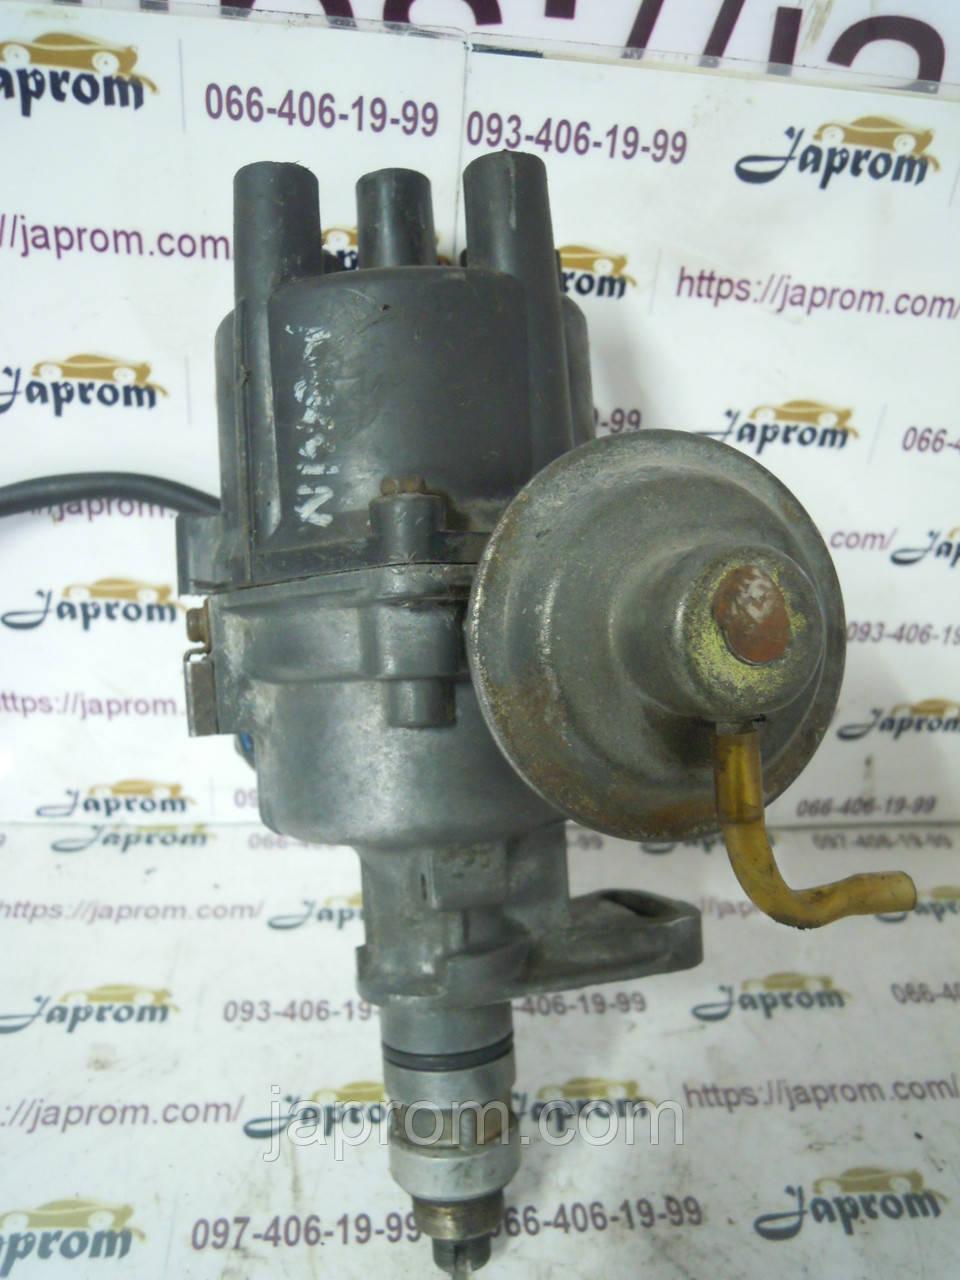 Распределитель (Трамблер) зажигания Nissan Sunny N14 1990-1995г.в D4R86-20 1.3 бензин